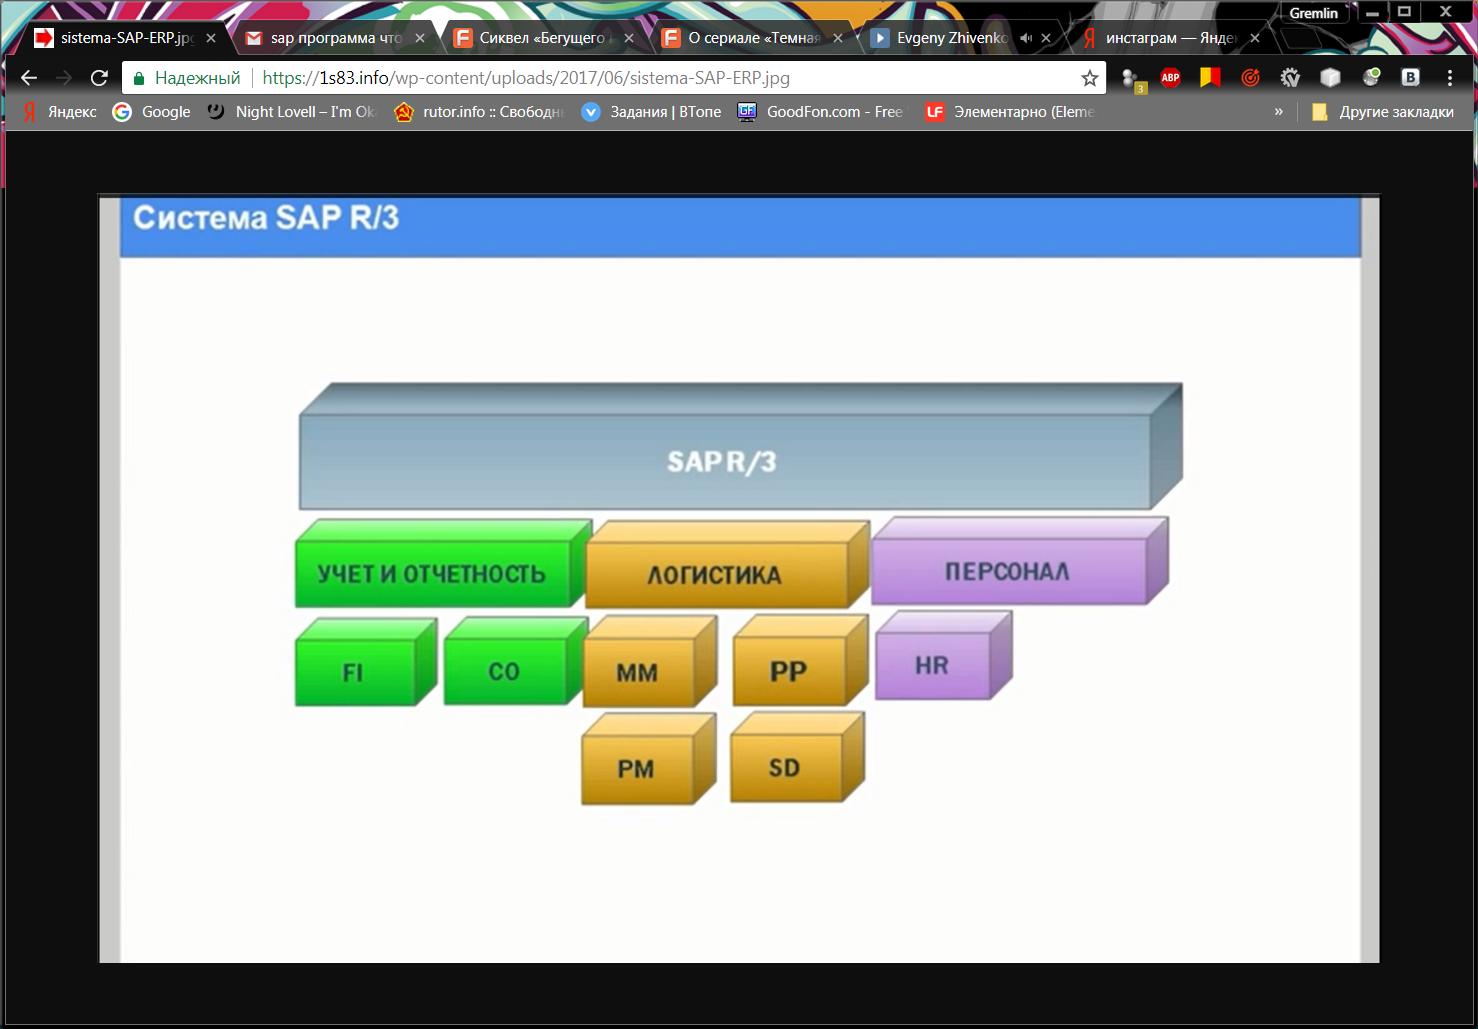 Рис. 6 – Схема SAP R/3